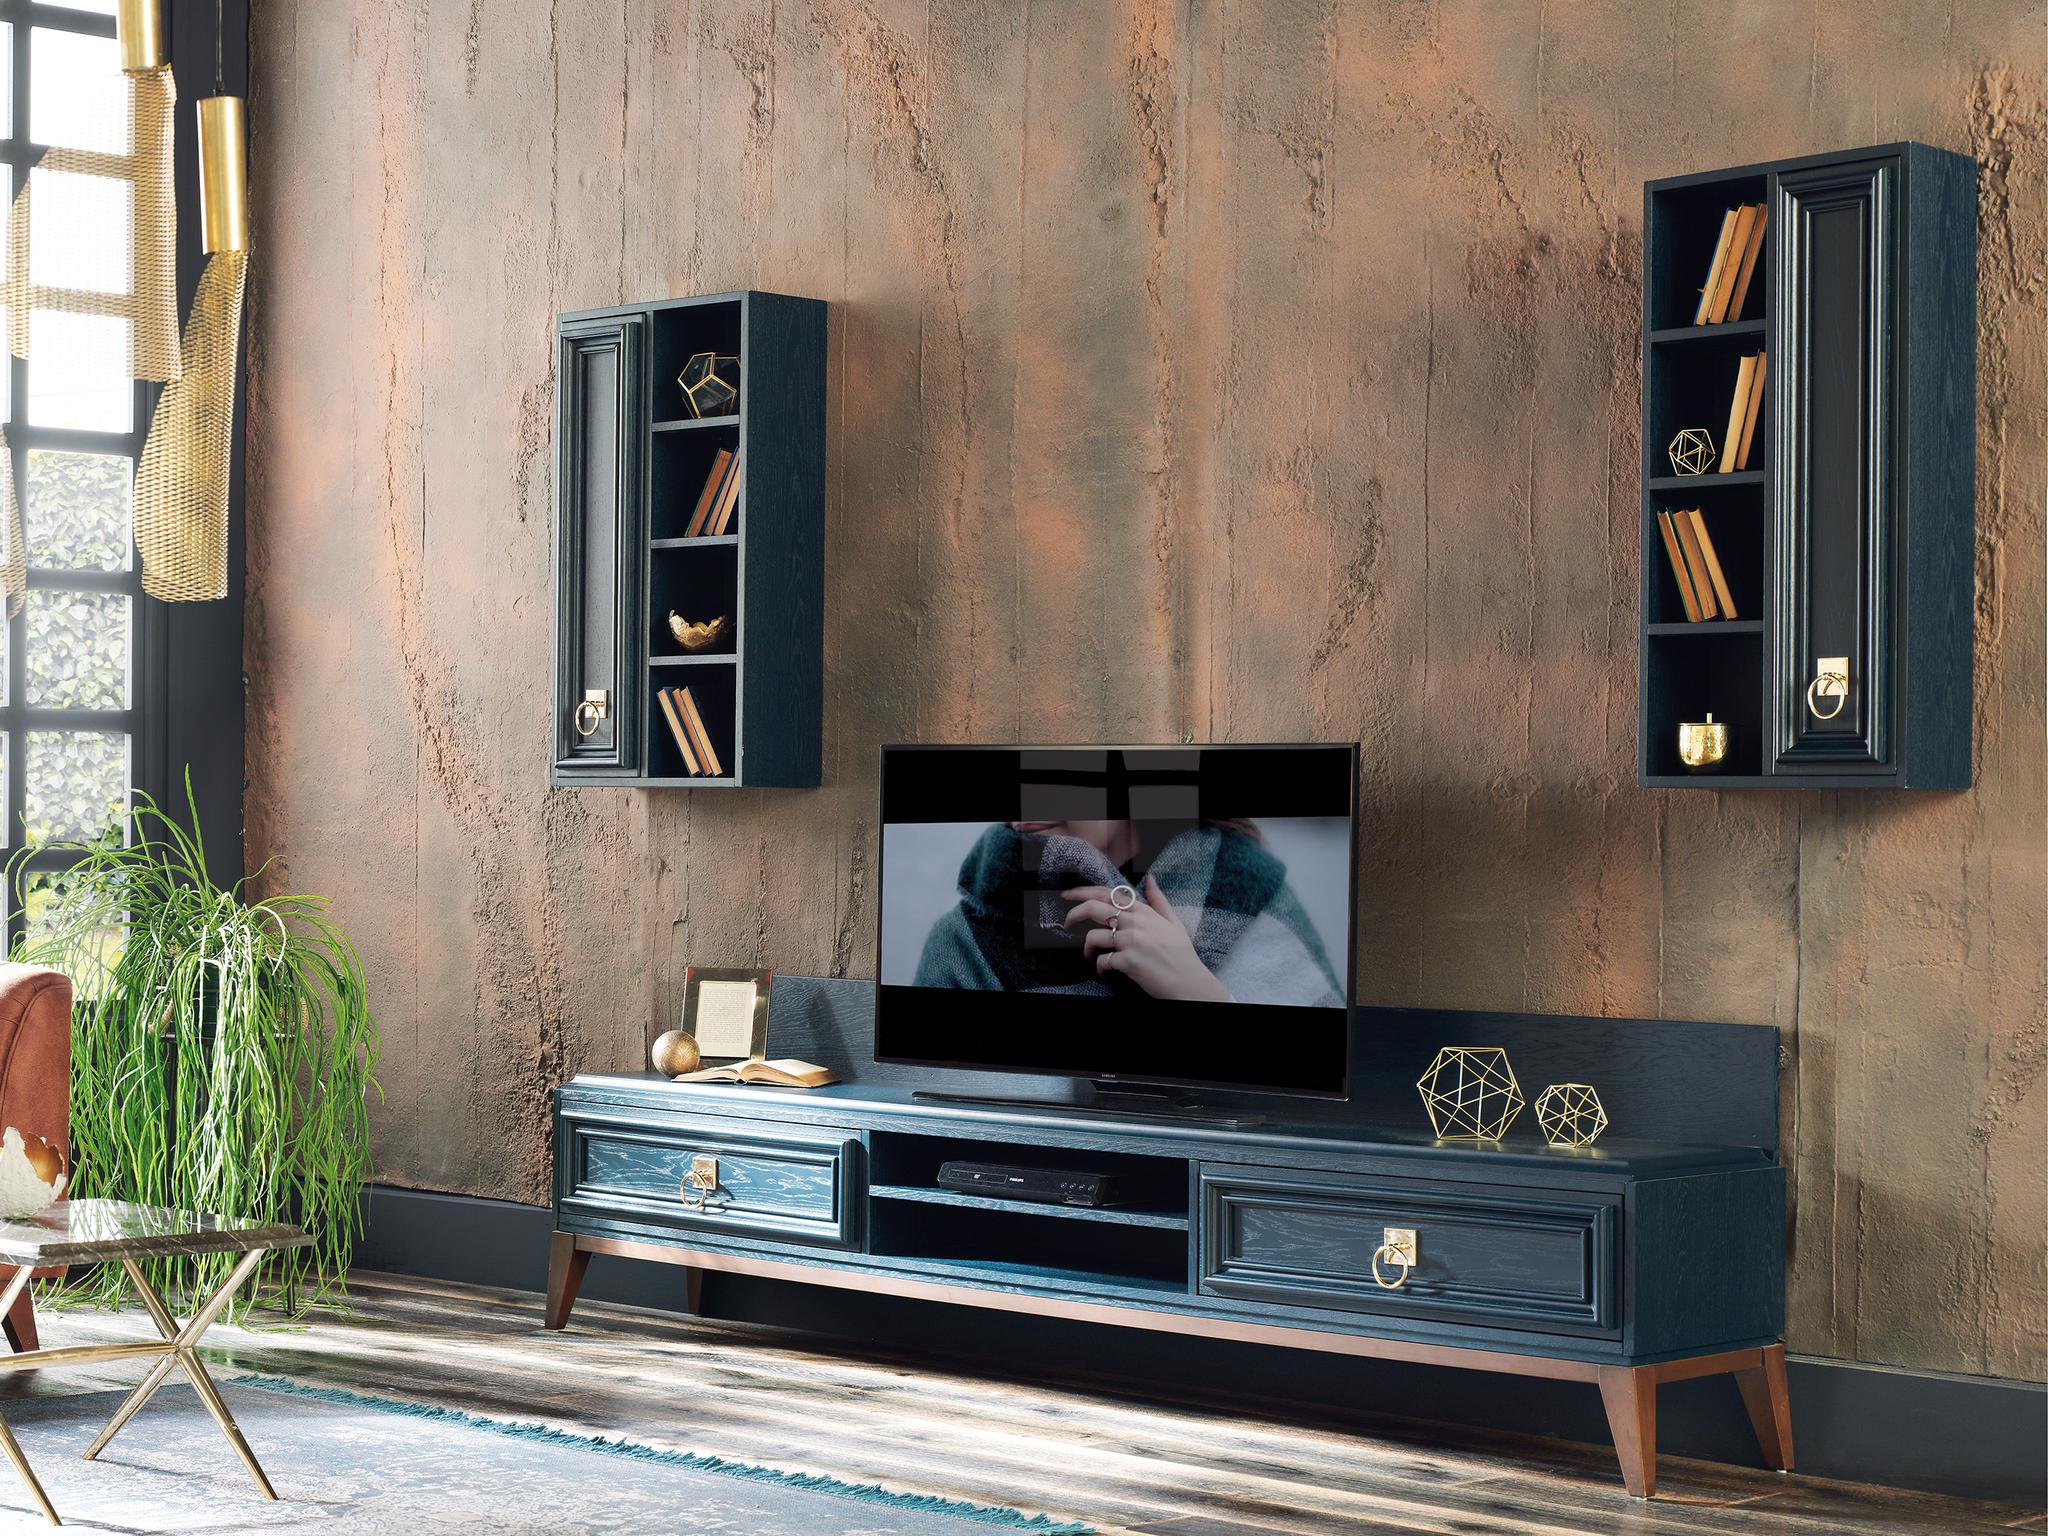 ТВ тумба ELEGANTE темно-синий и Настенные Шкафы ELEGANTE темно-синии правый и левый